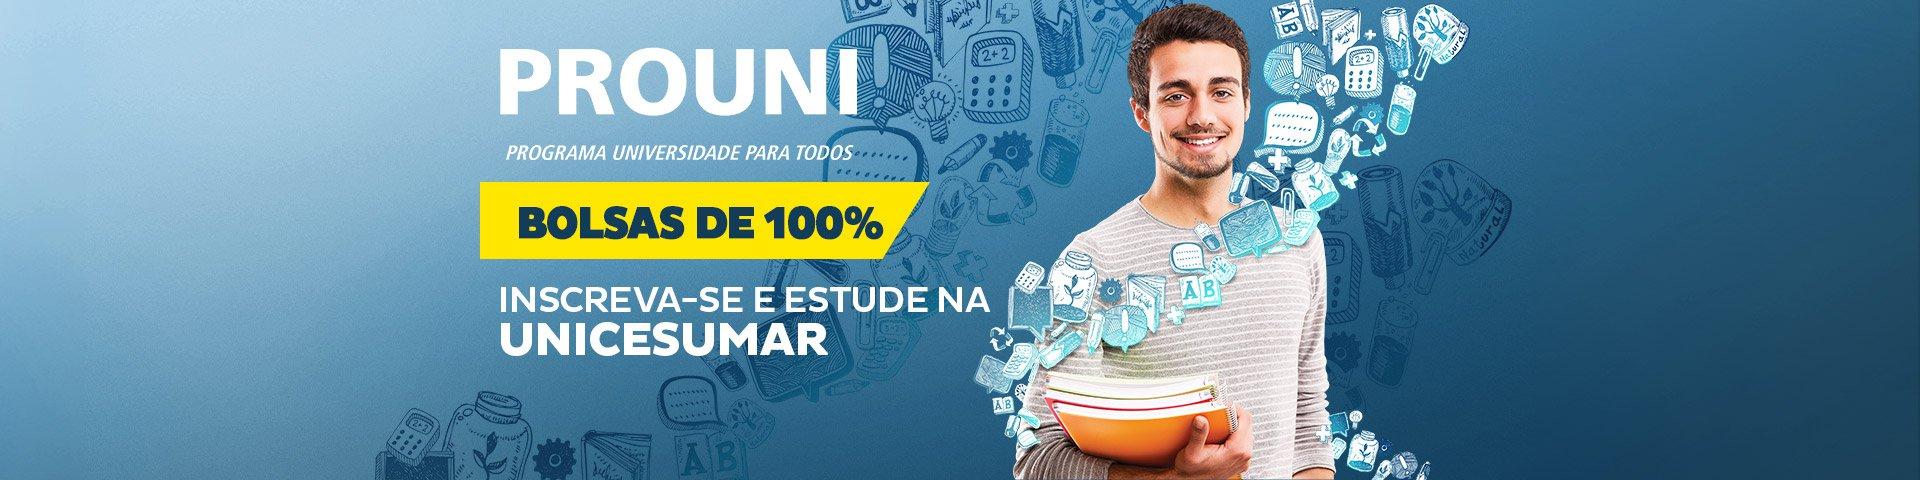 banner-home-PRESENCIAL-site-prouni-unicesumar